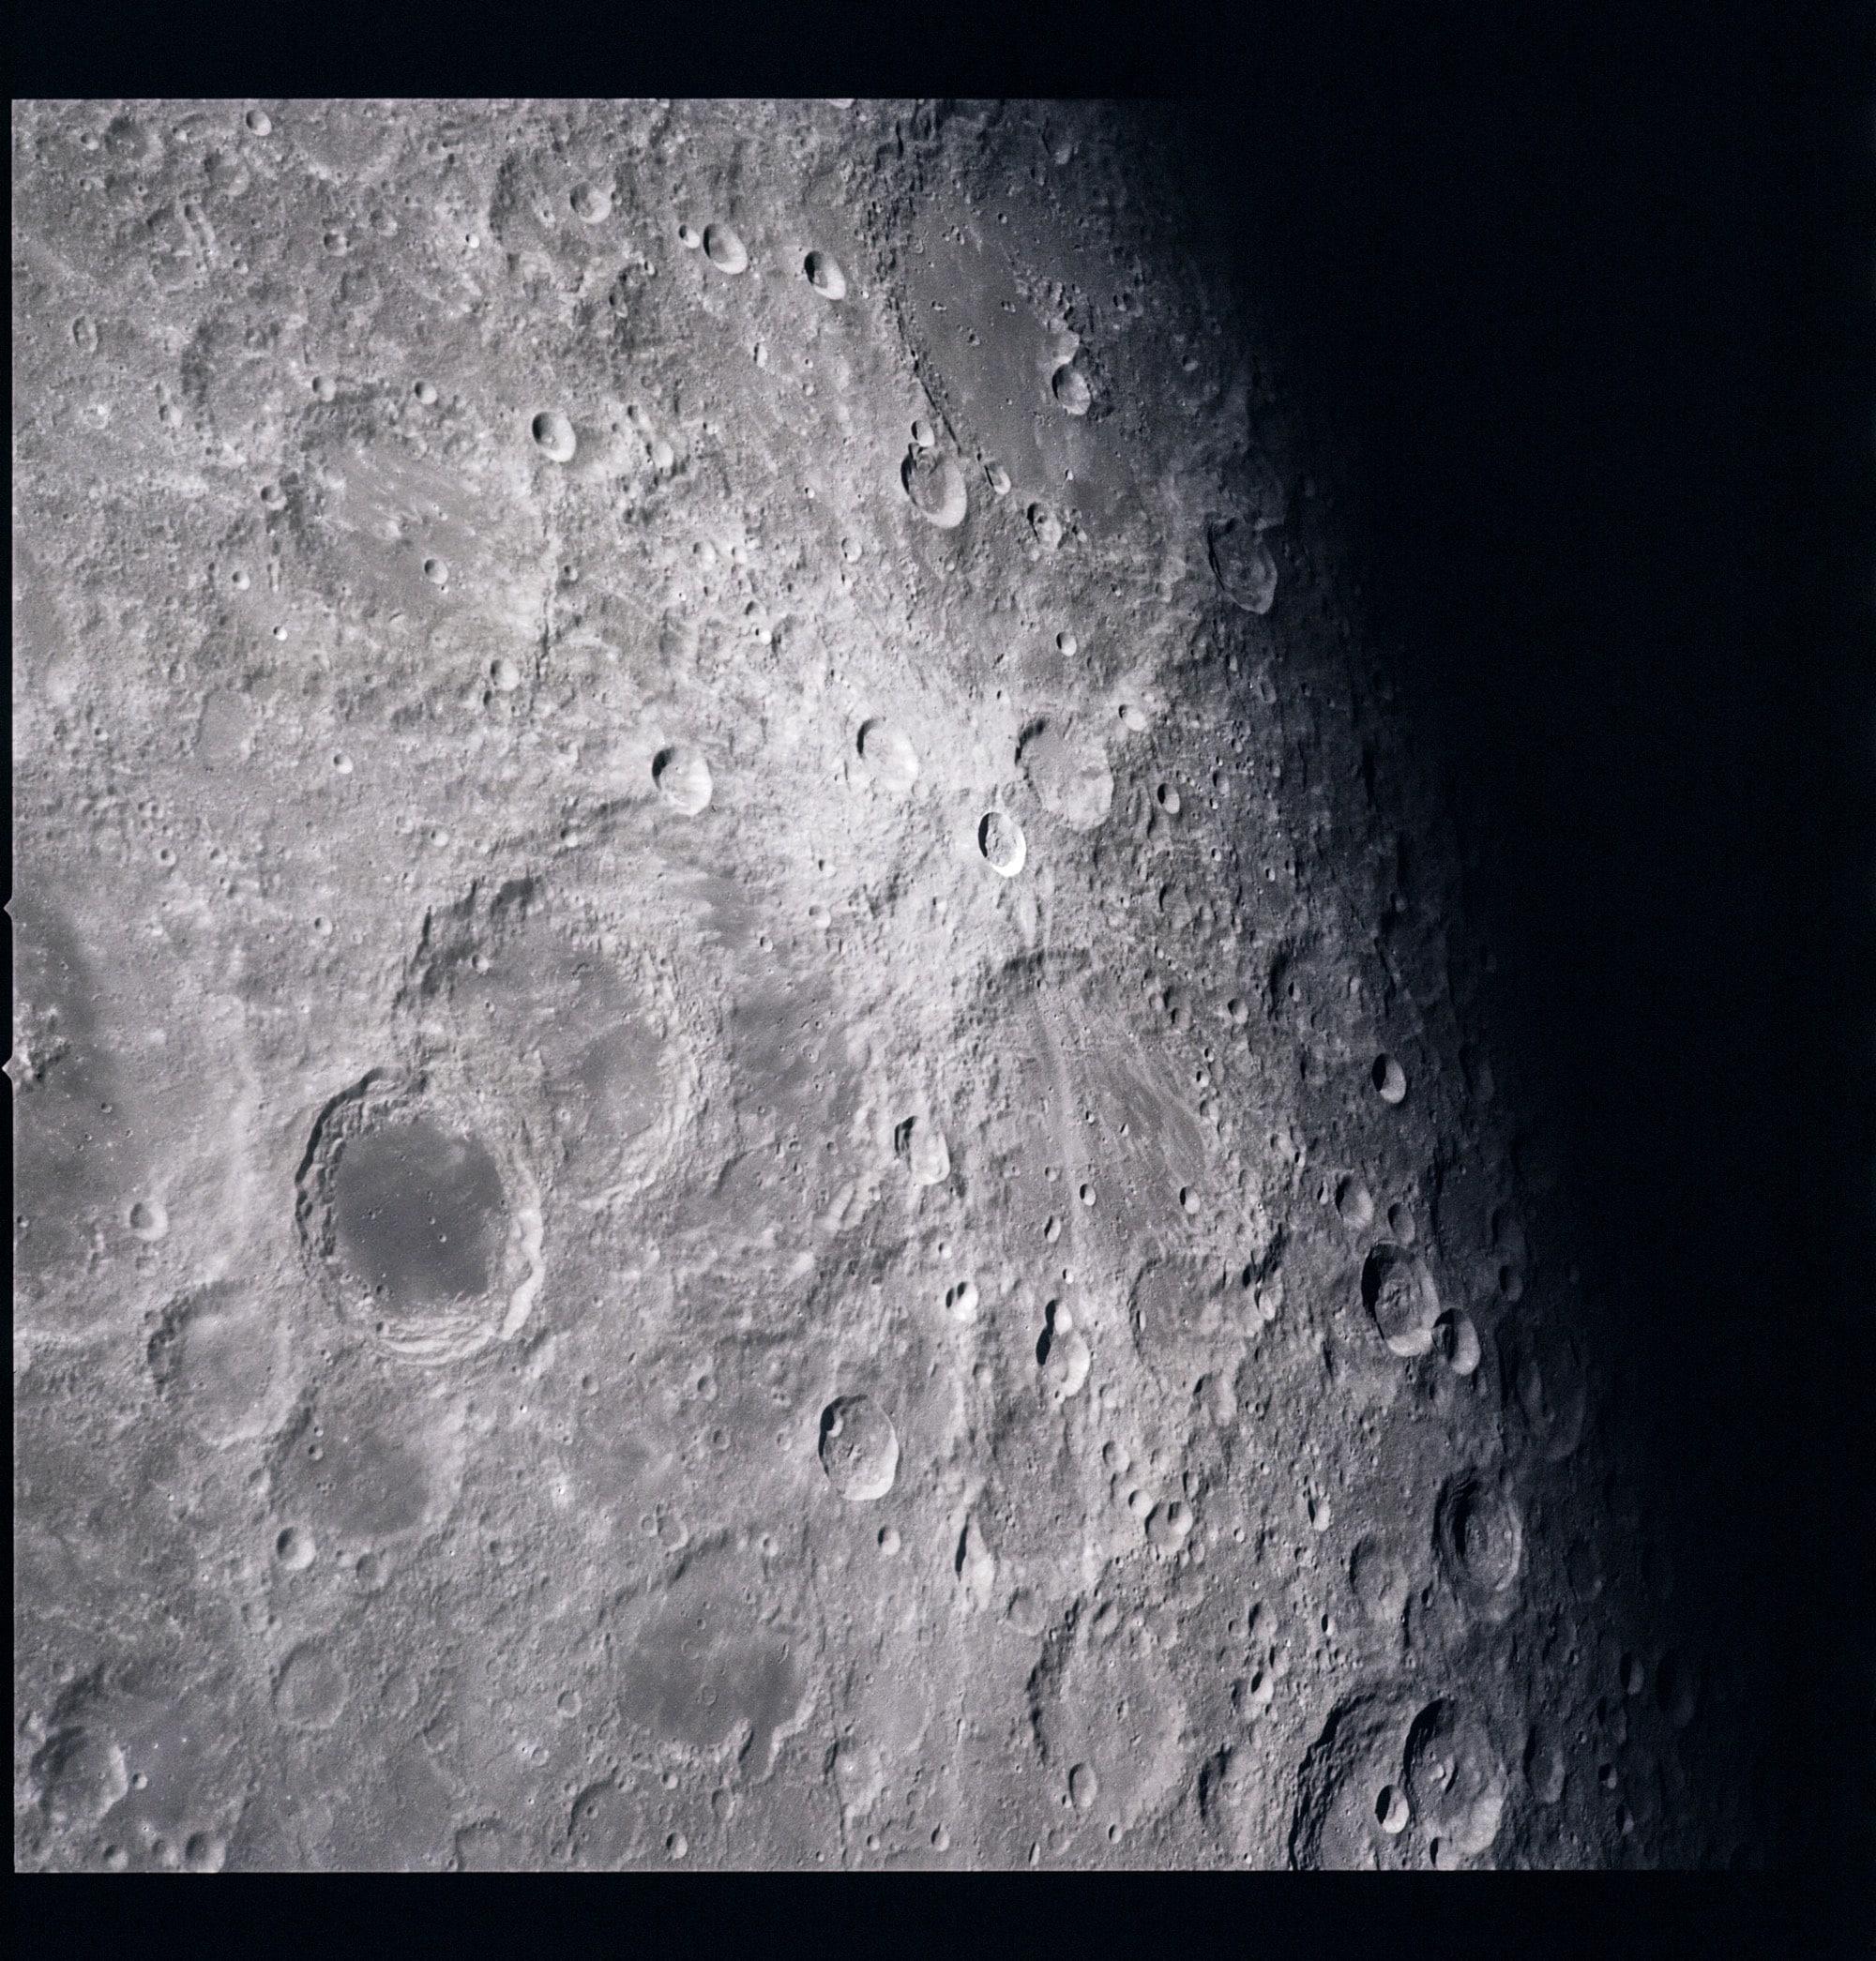 AS16-121-19434-min